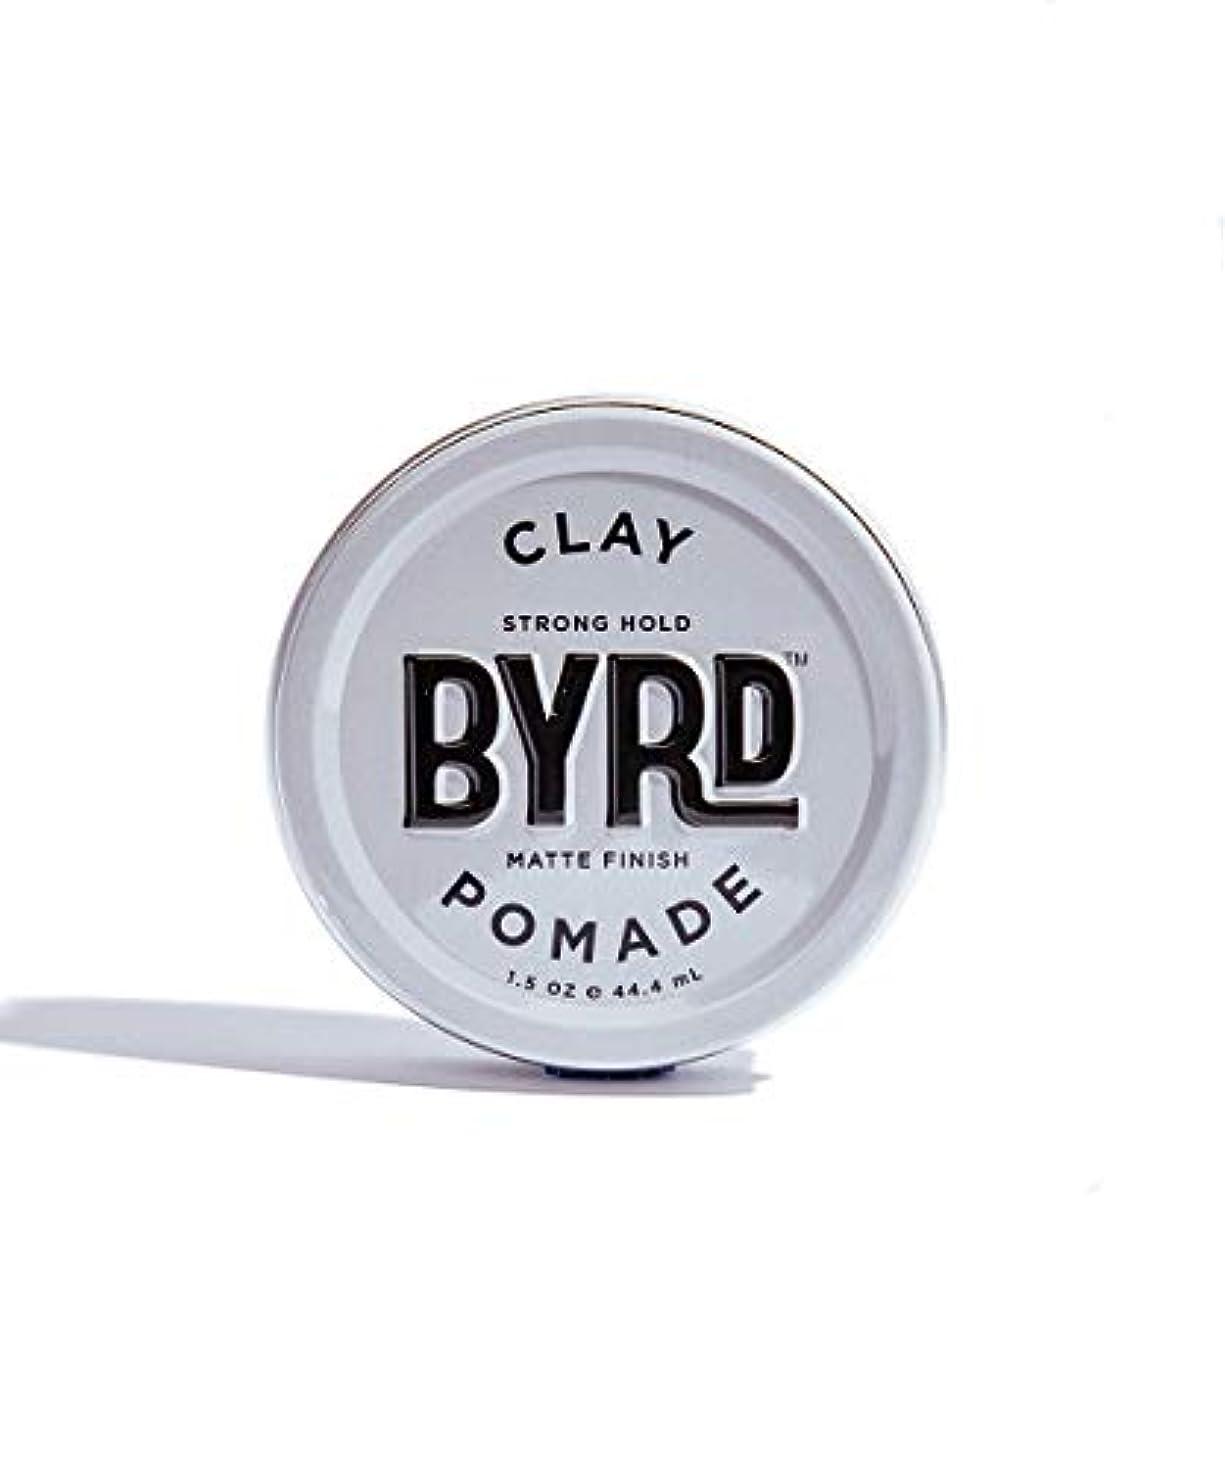 敷居かき混ぜるどのくらいの頻度でBYRD/クレイポマード 42g メンズコスメ ワックス ヘアスタイリング かっこいい モテ髪